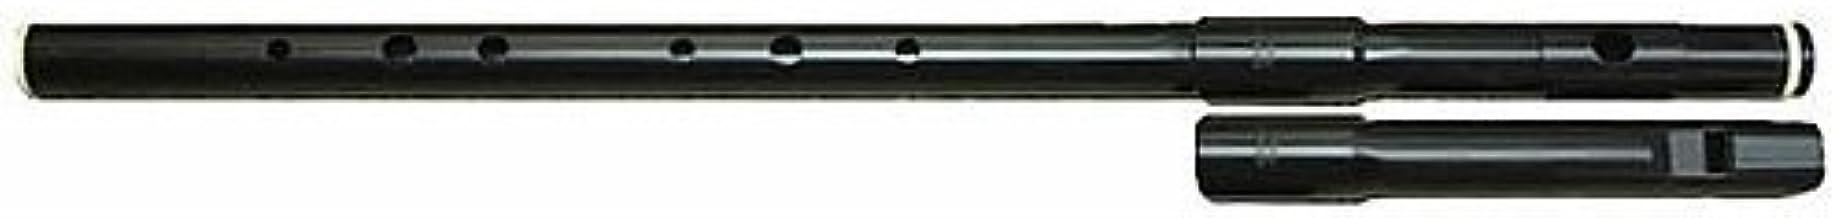 Tony Dixon(トニーディクソン) アイリッシュフルート&ローホイッスル デュオ Low-D管 ポリマー製 チューナブル TB022D